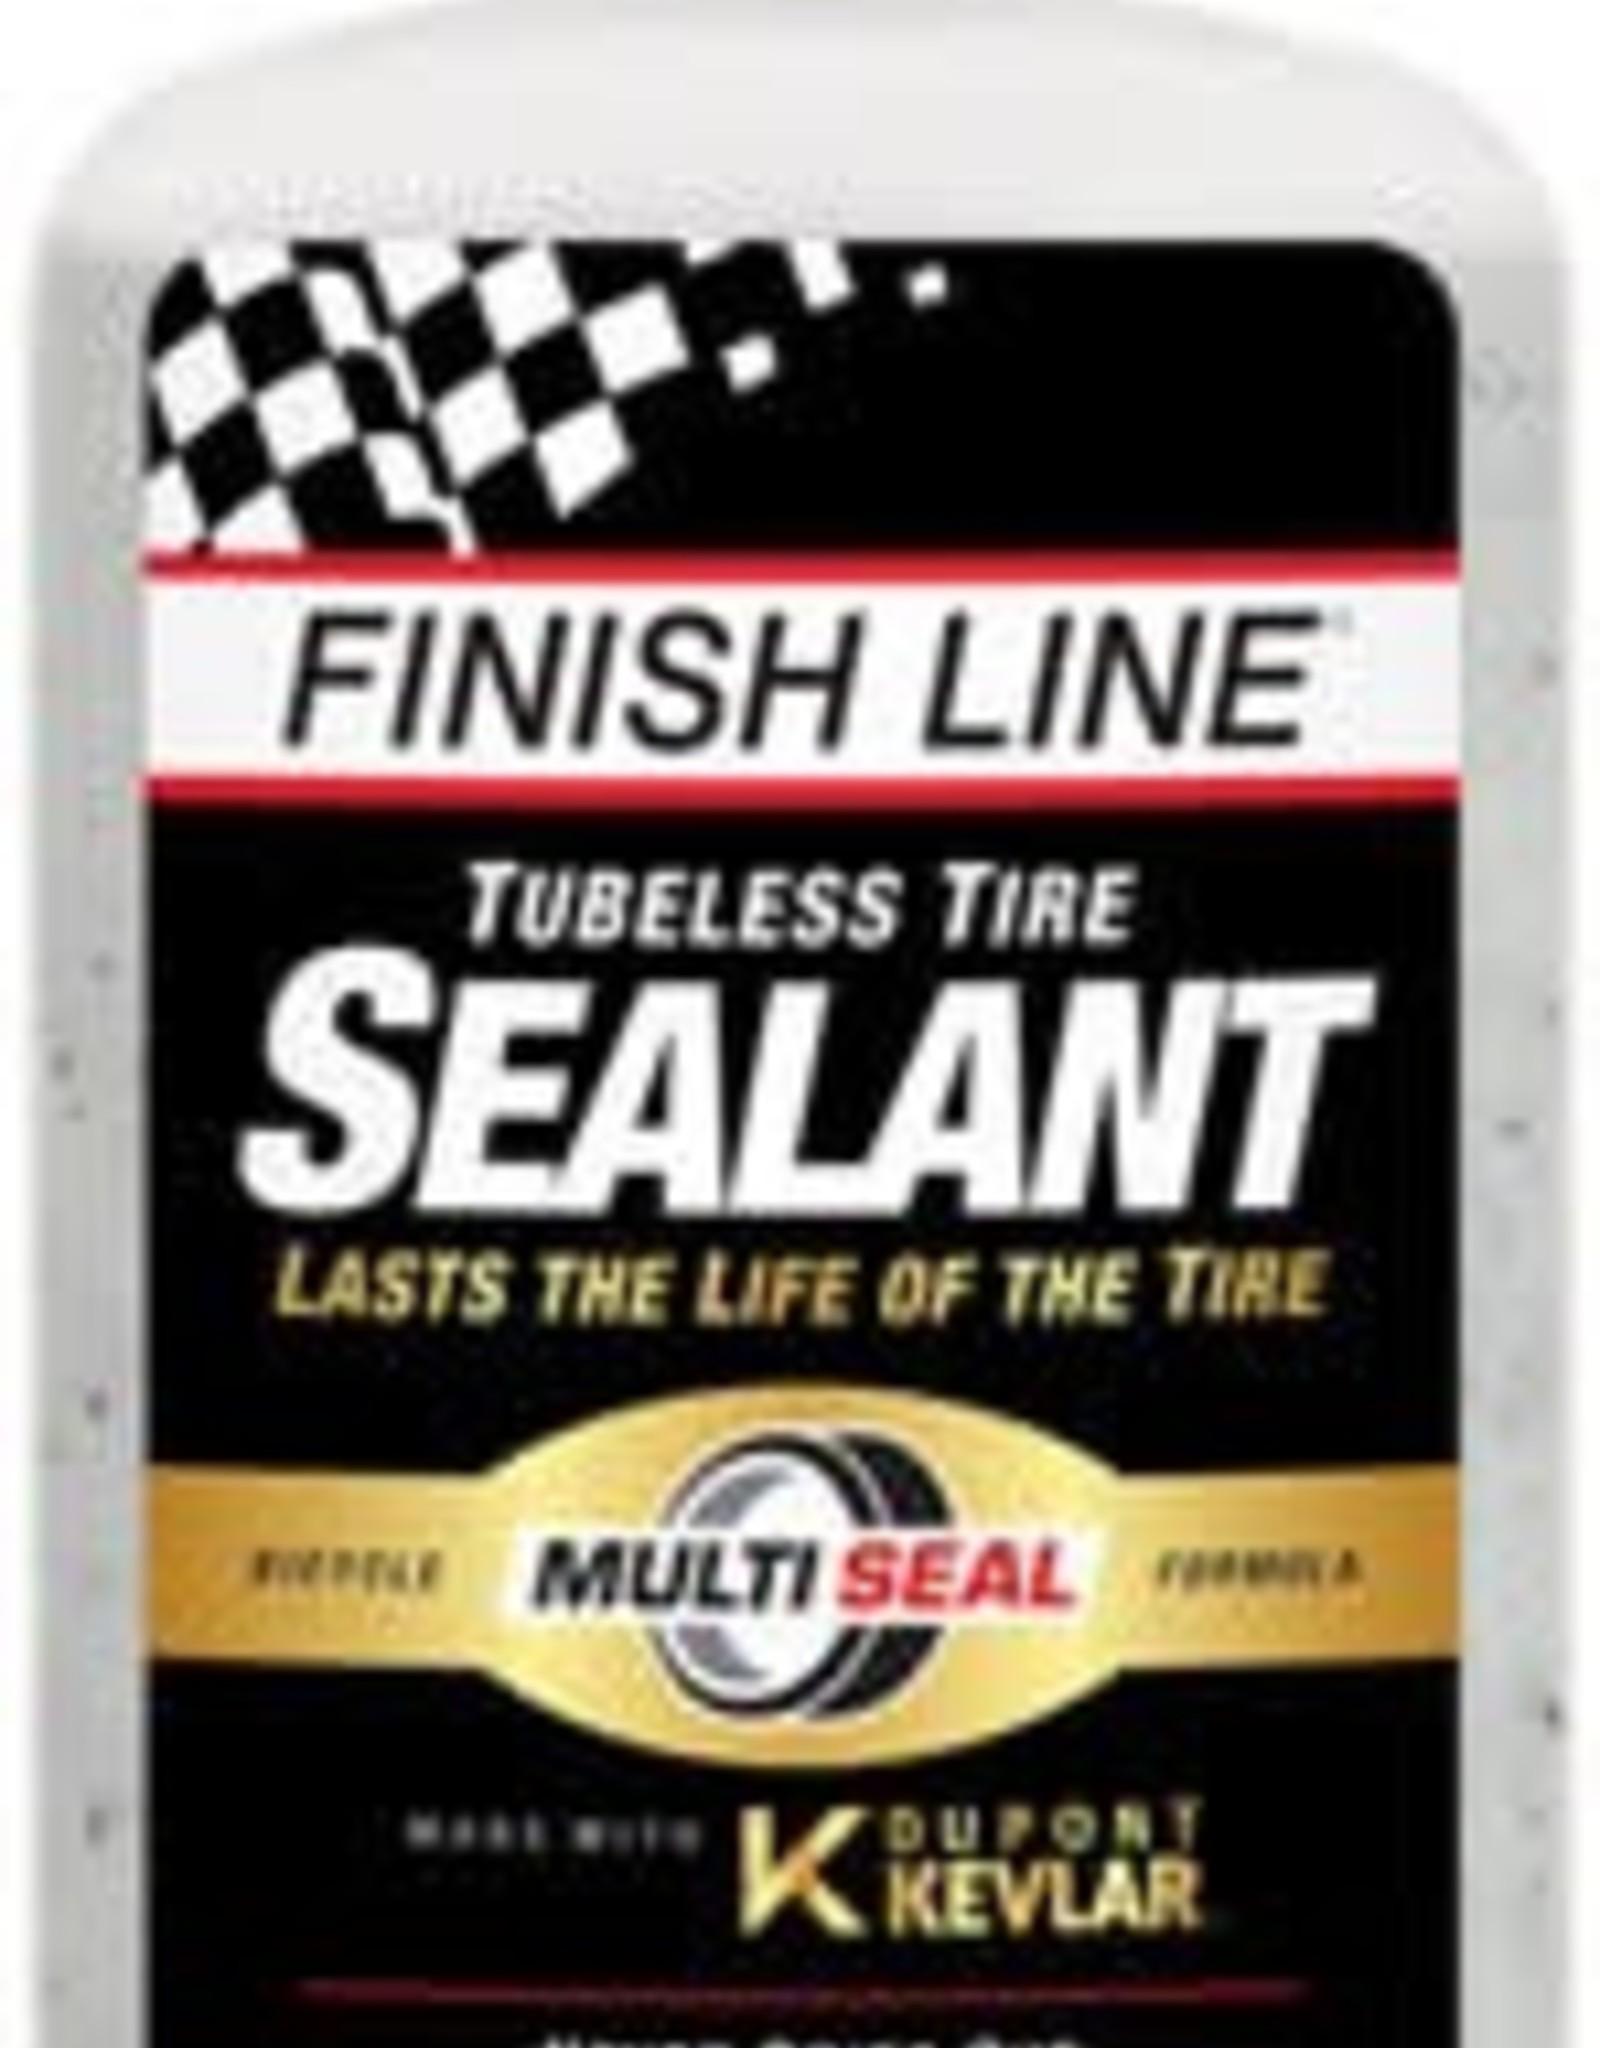 Finish Line Tubeless Tire Sealant, 8oz